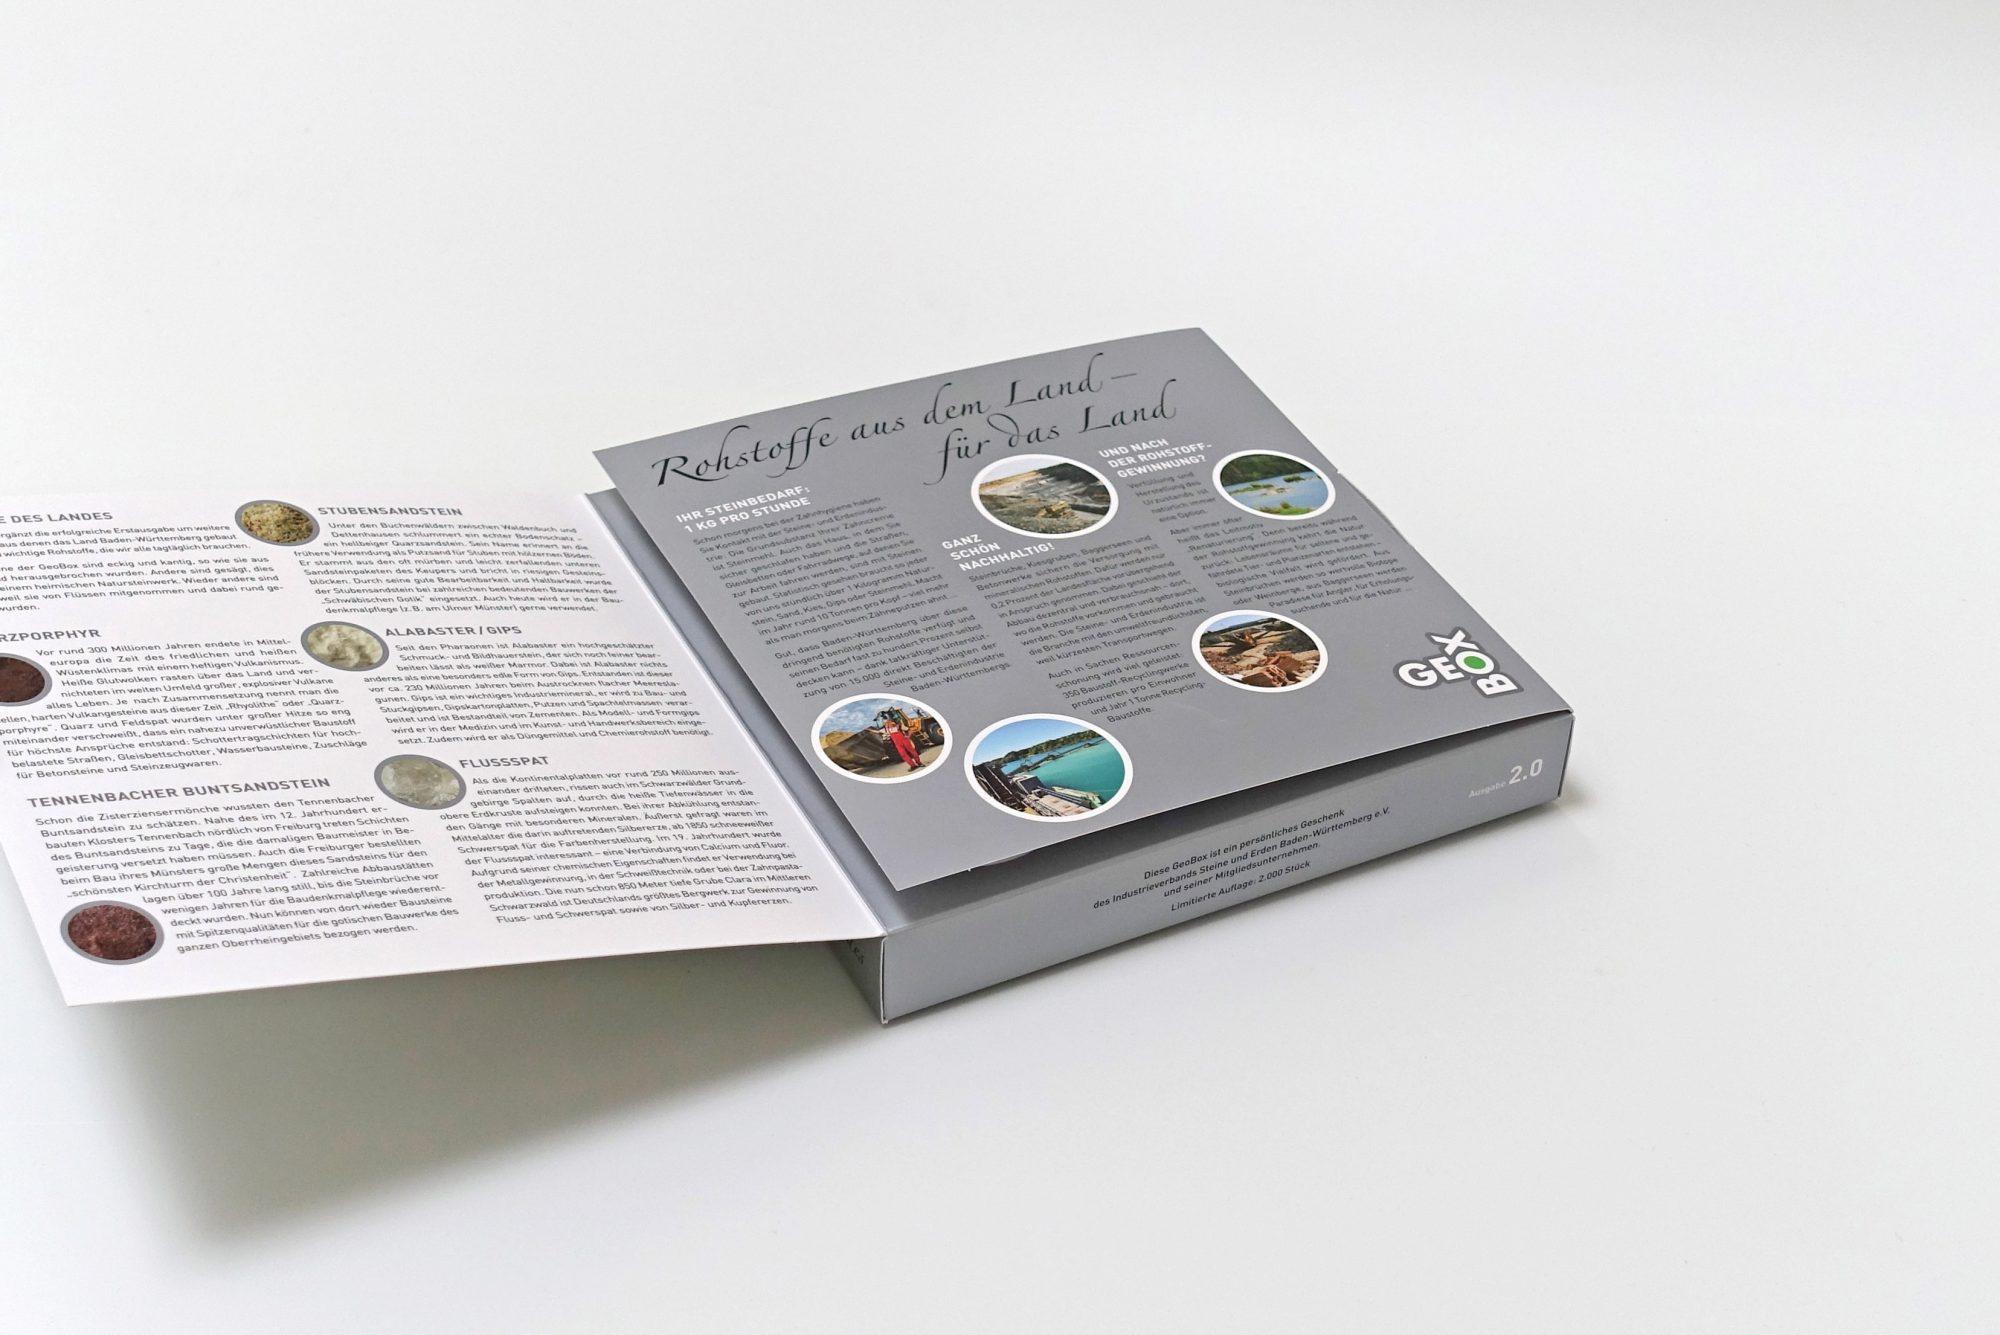 Die Verpackung informiert über die Steine- und Erdenindustrie …